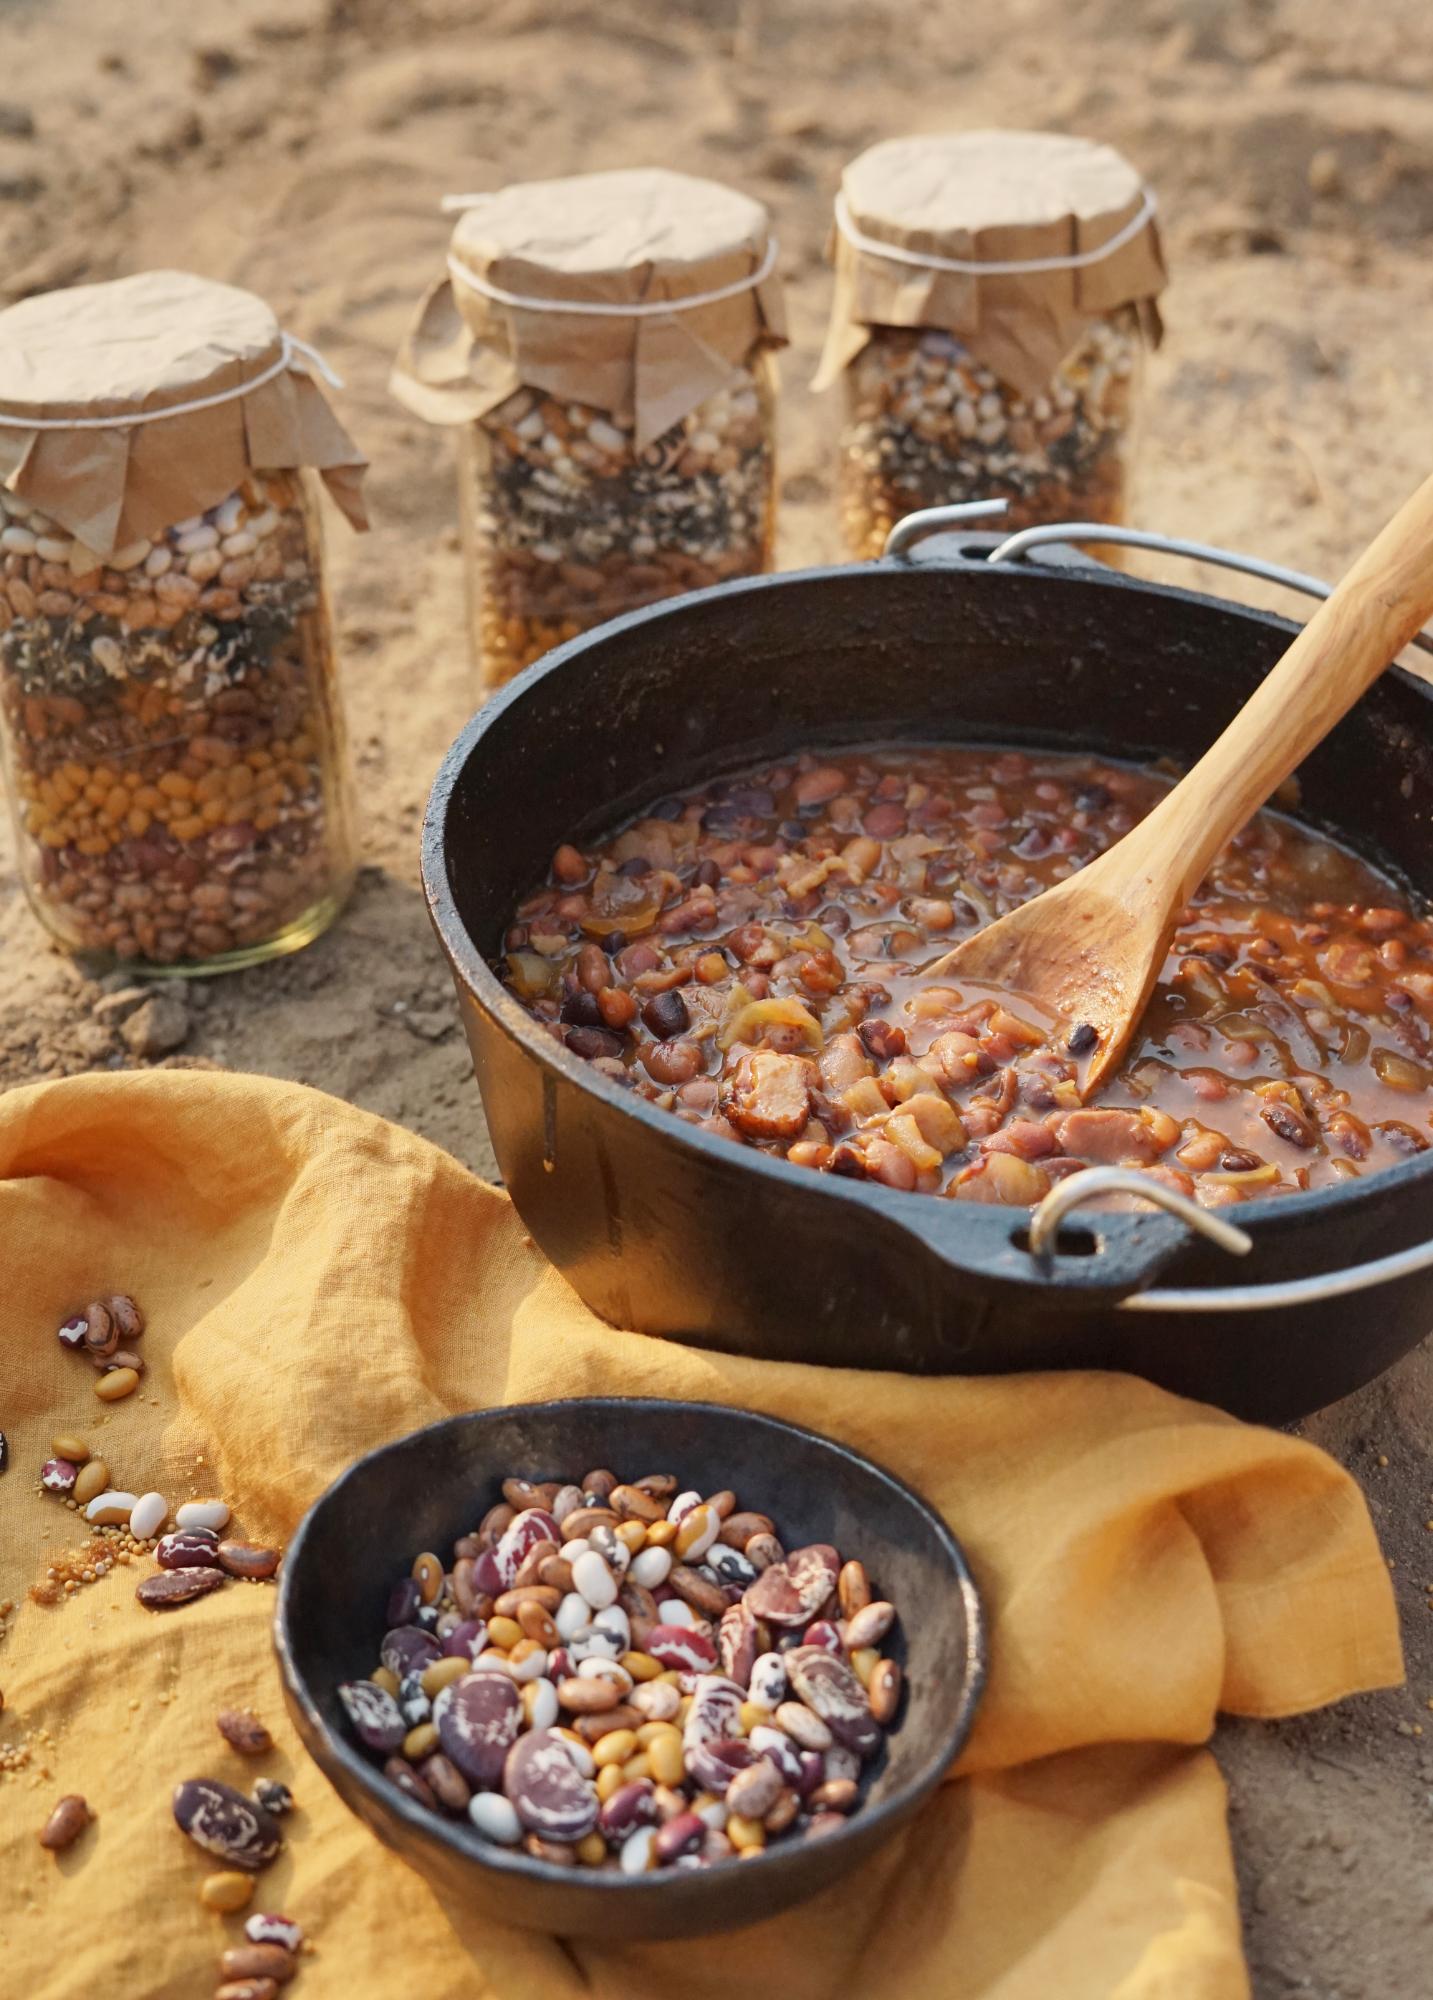 beanholebeans5small.jpg